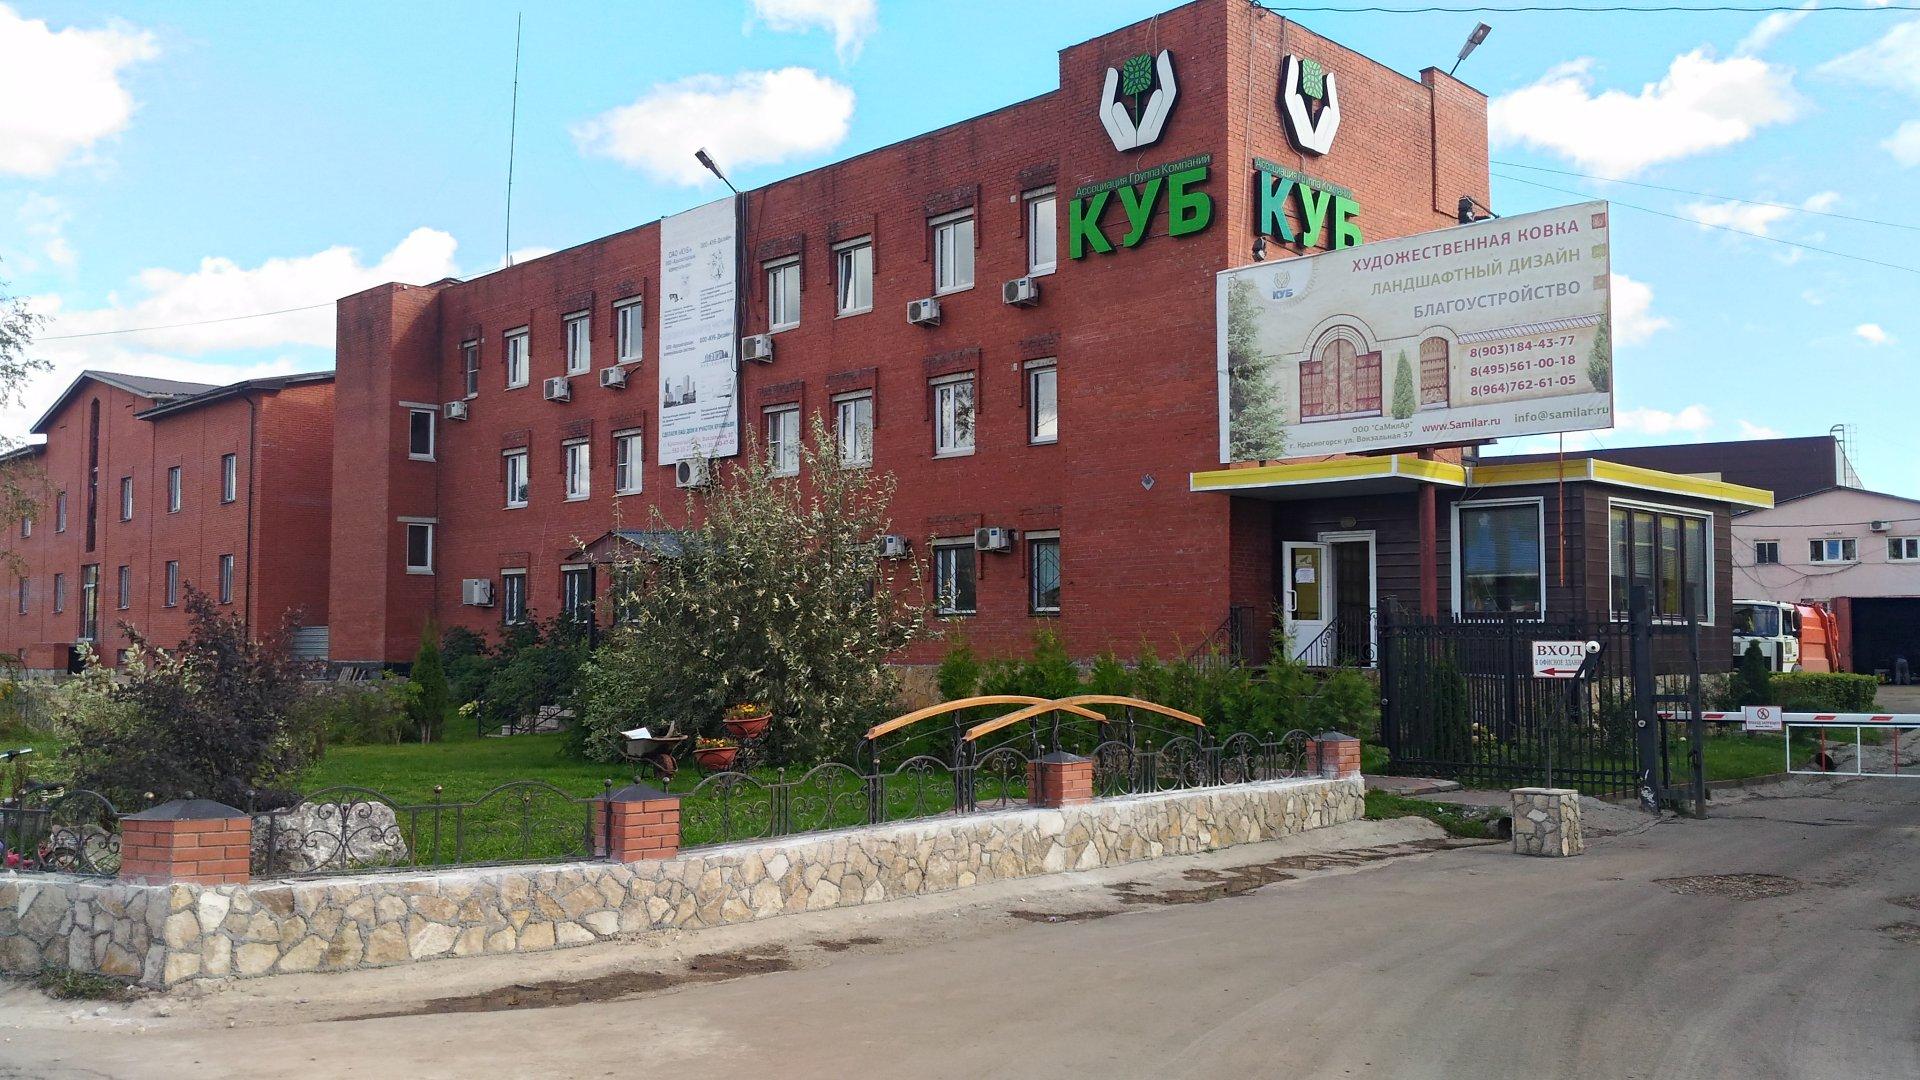 Красногорское Управление Благоустройства, группа компаний, Вокзальная, 37 (1 этаж)